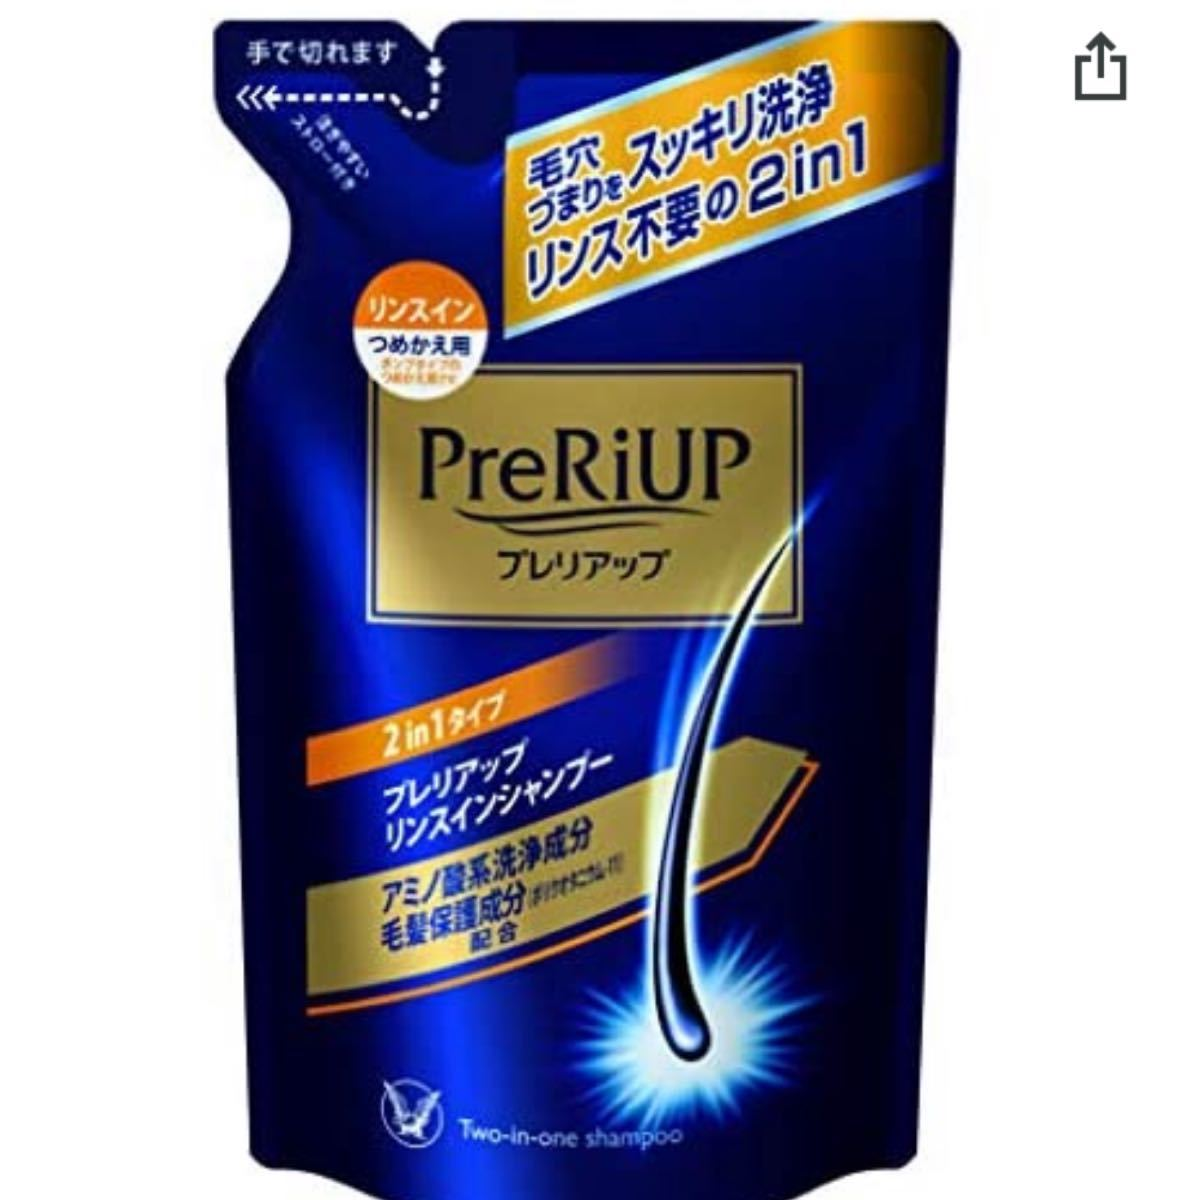 大正製薬 プレリアップ リンスインシャンプー つめかえ用350mL リアップ シャンプー 詰め替え preriup